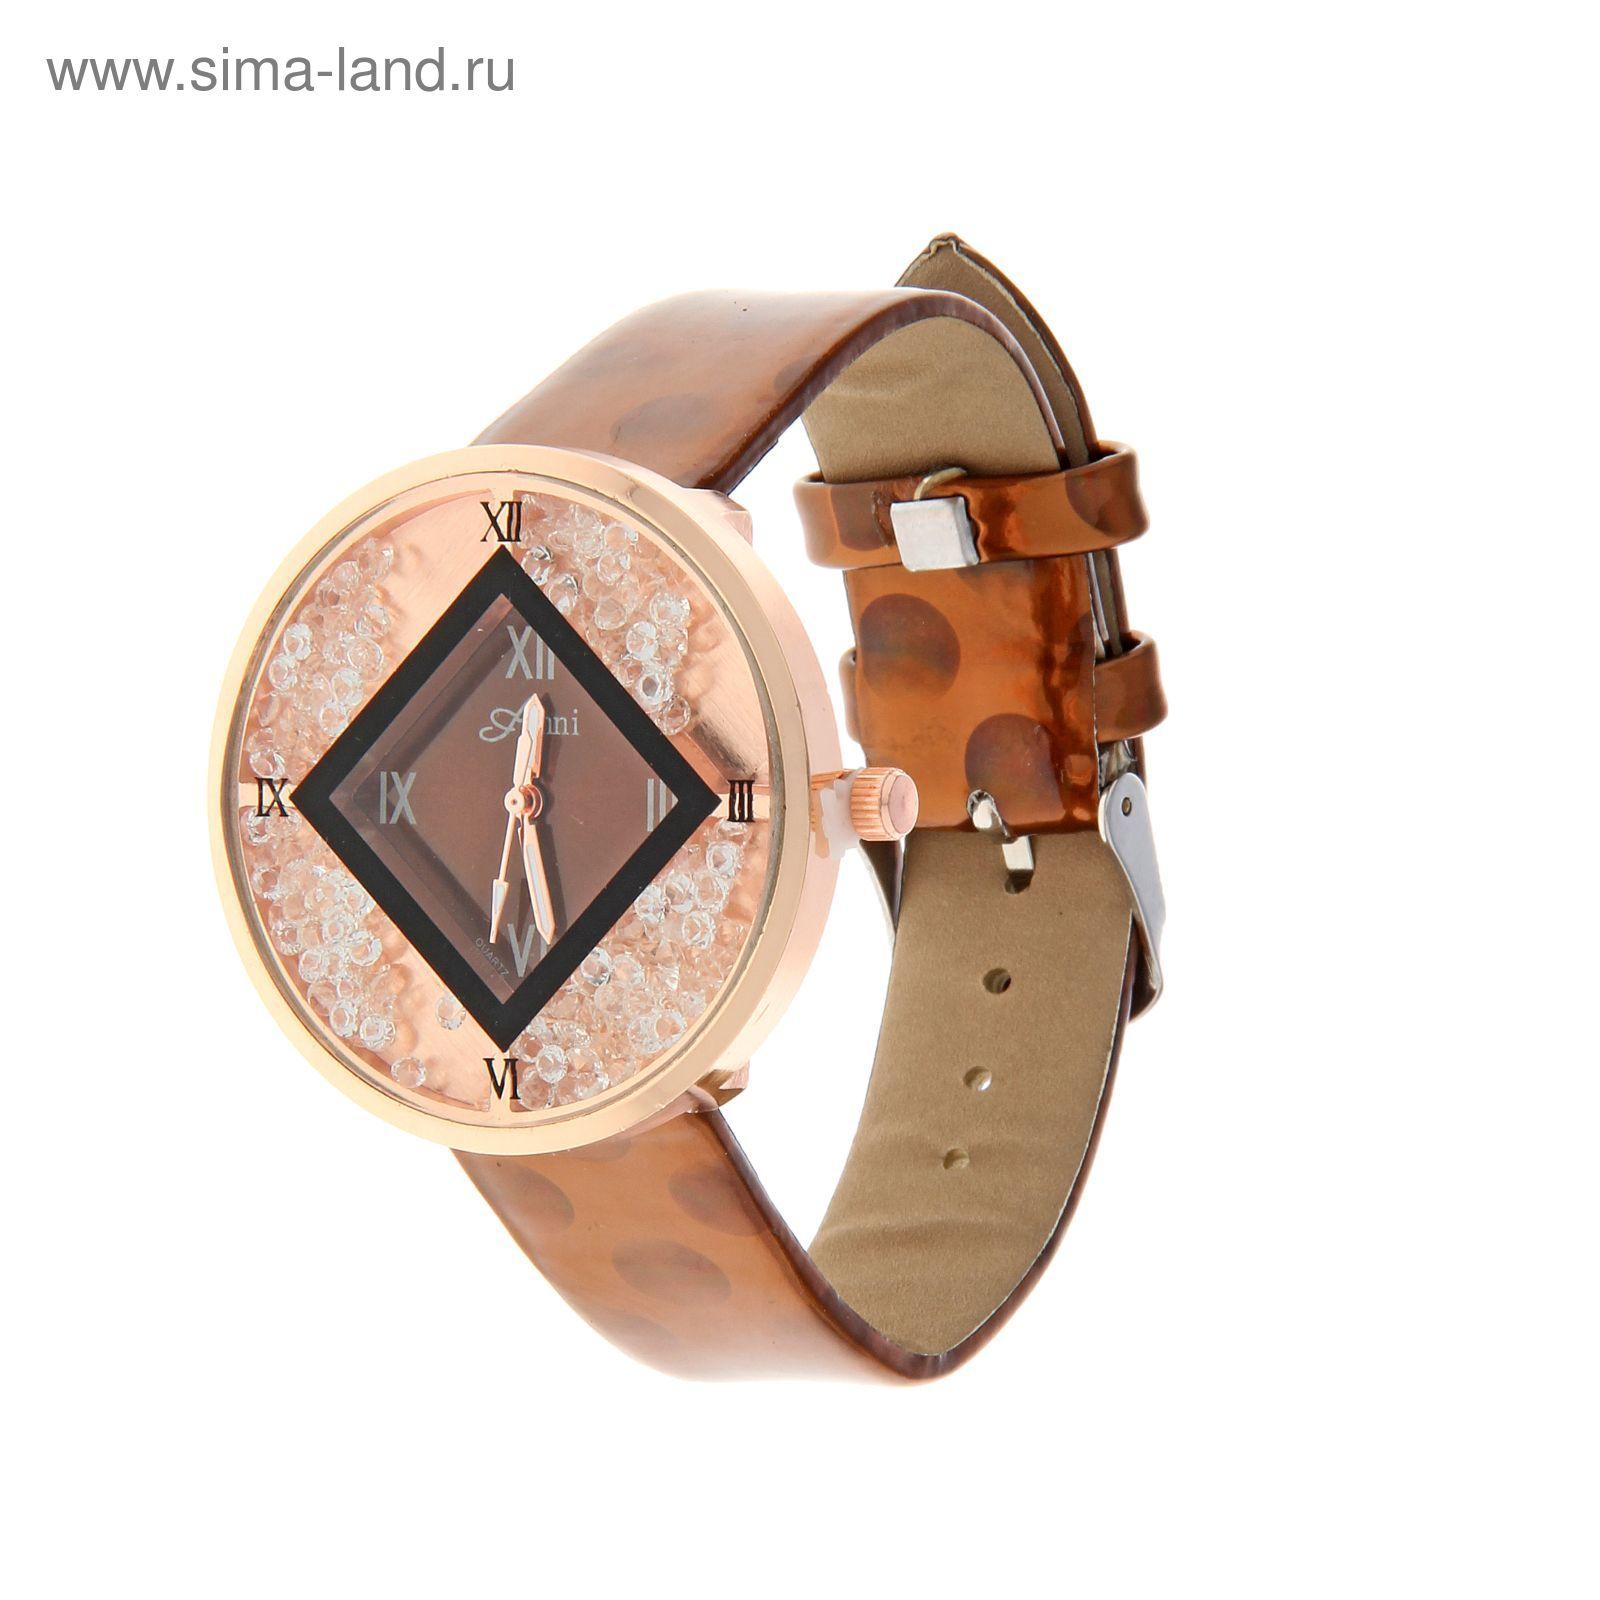 Голографические наручные часы купить часы армани и портмоне в подарок